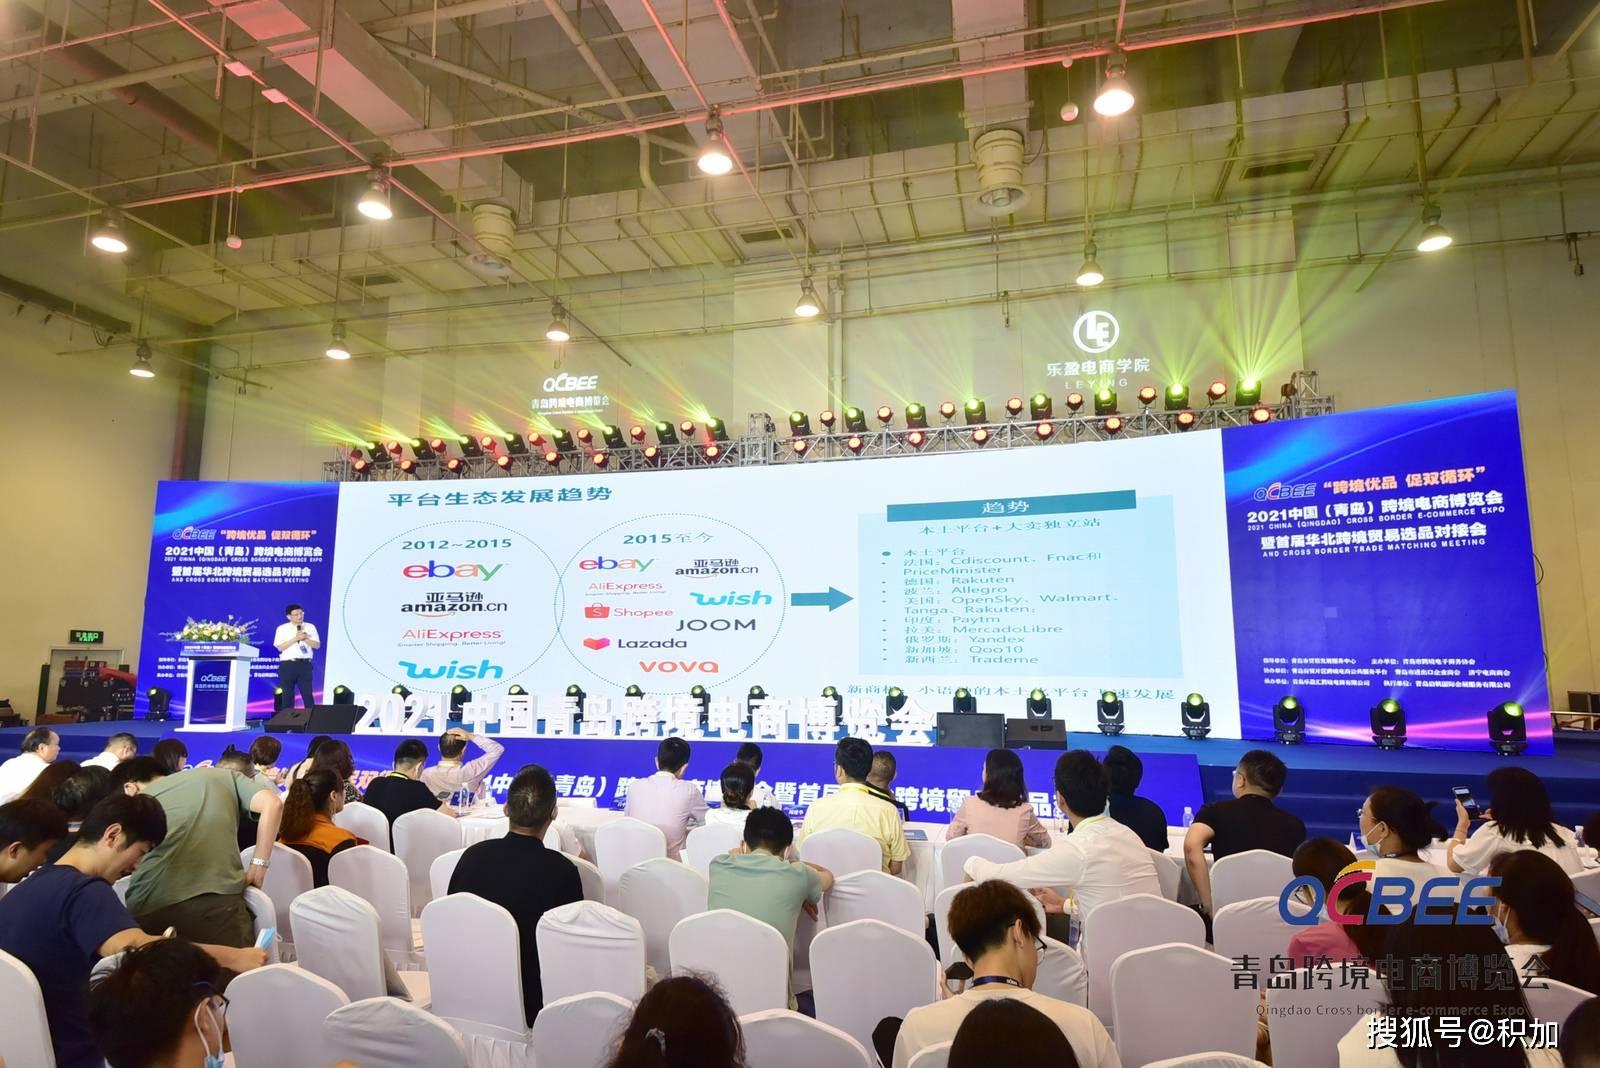 积加2021中国(青岛)跨境电商博览会暨首届华北跨境贸易选品对接会